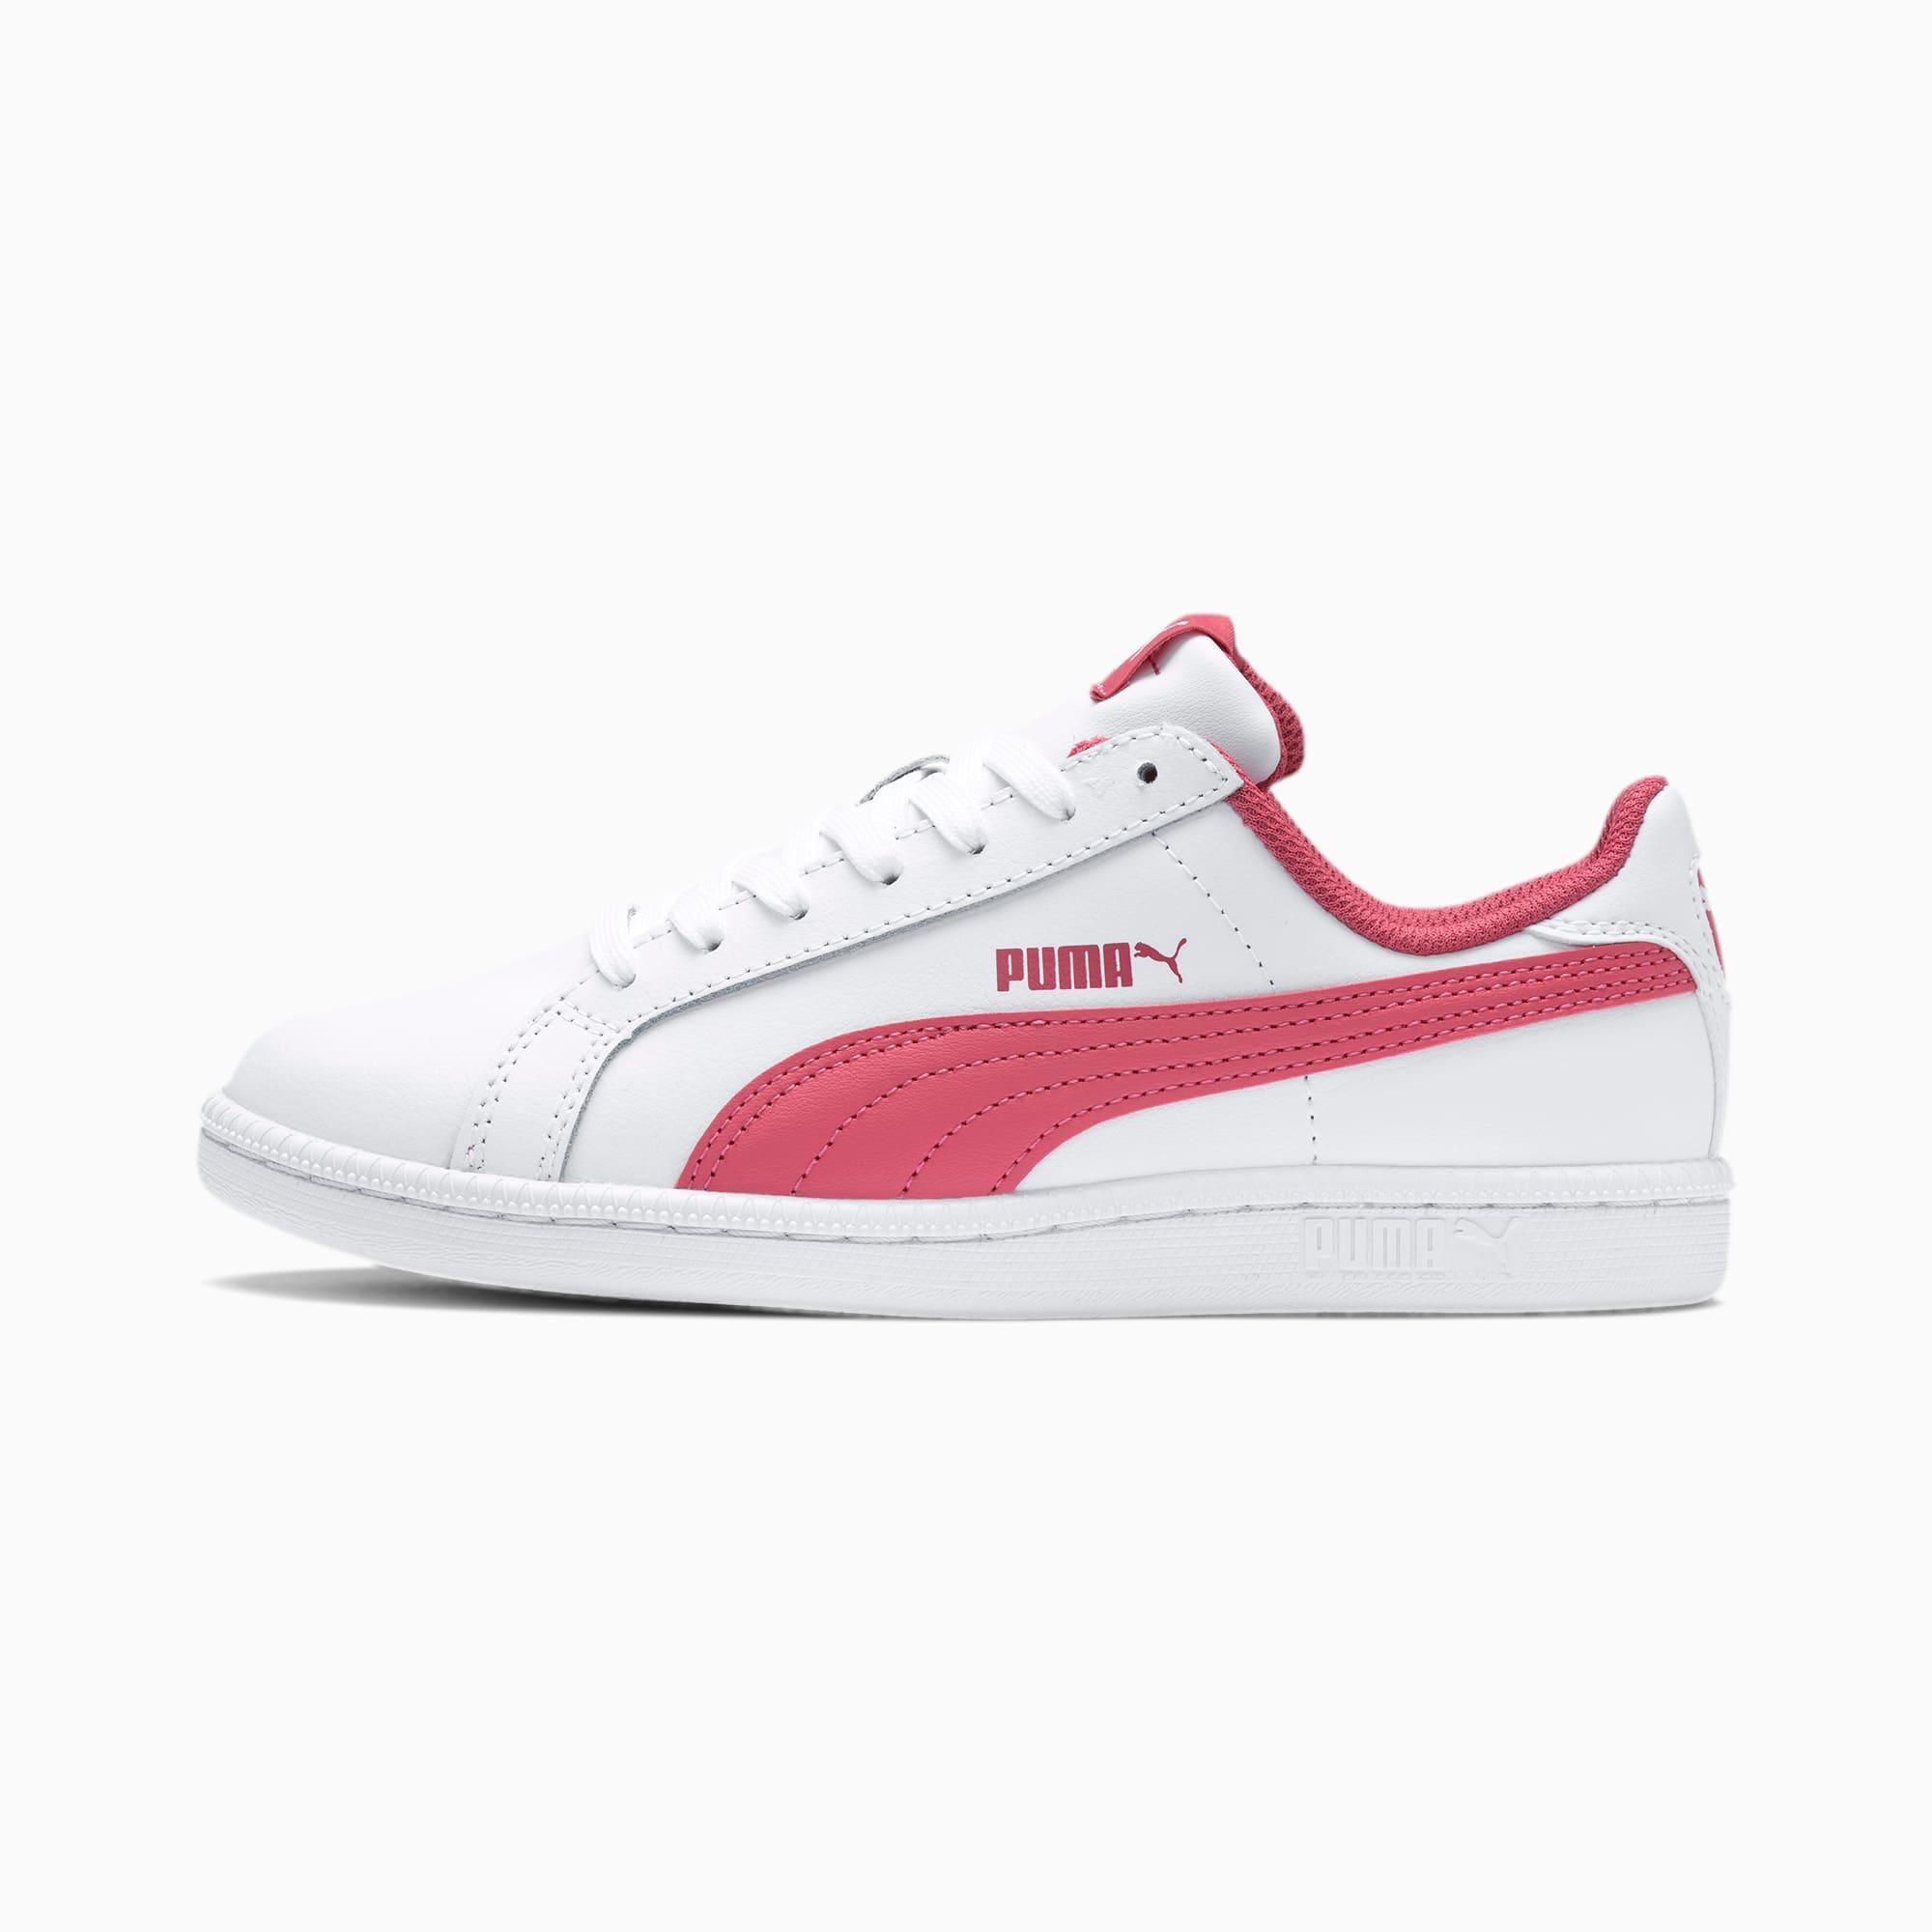 PUMA Chaussure Basket Smash Jr. pour Enfant, Blanc/Rose, Taille 37, Chaussures